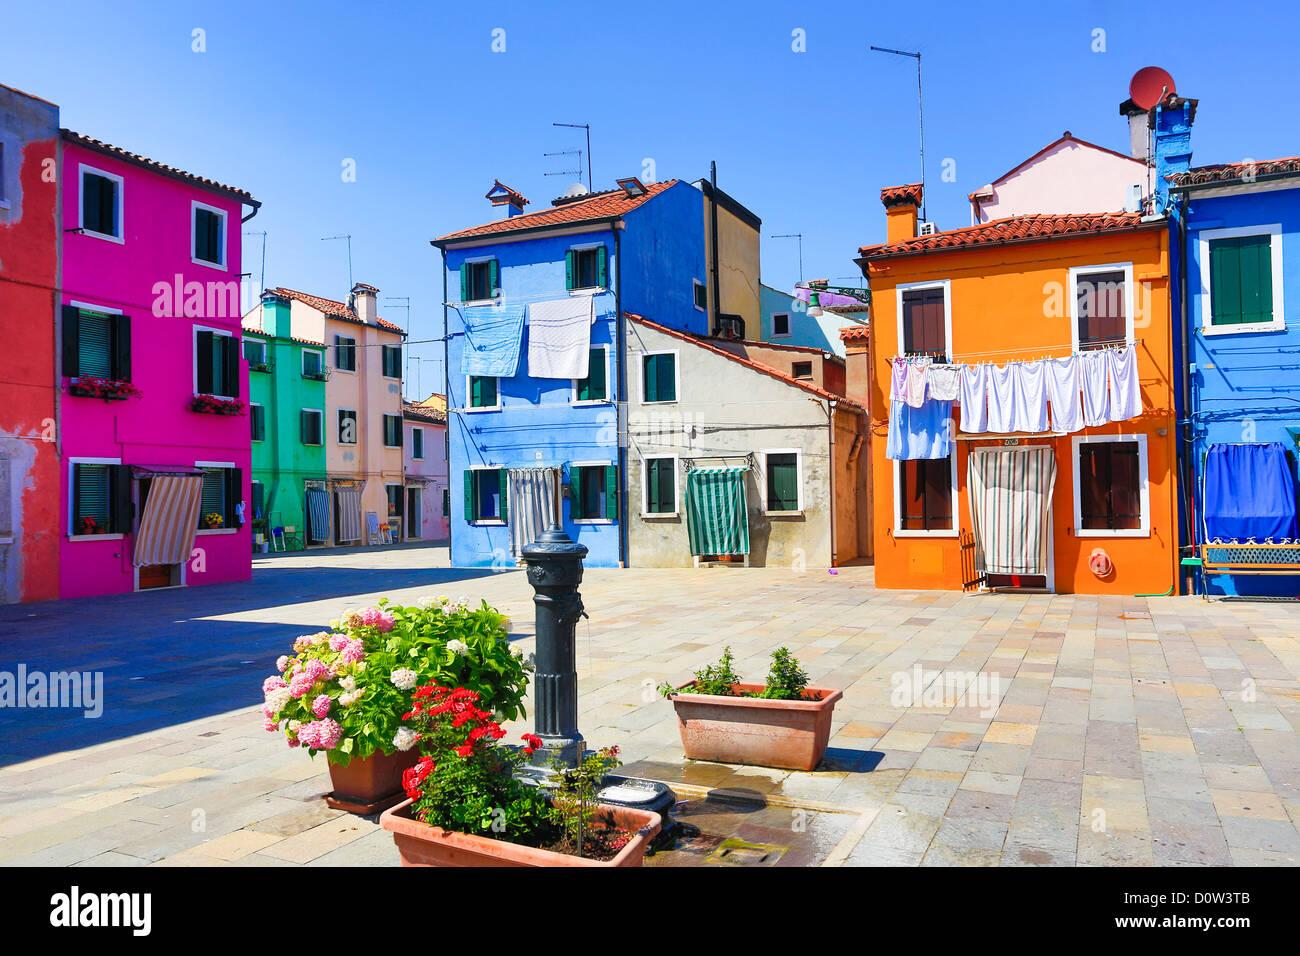 L'Italie, l'Europe, voyage, Burano, architecture, colorées, couleurs, tourisme, Venise, fontaine Photo Stock